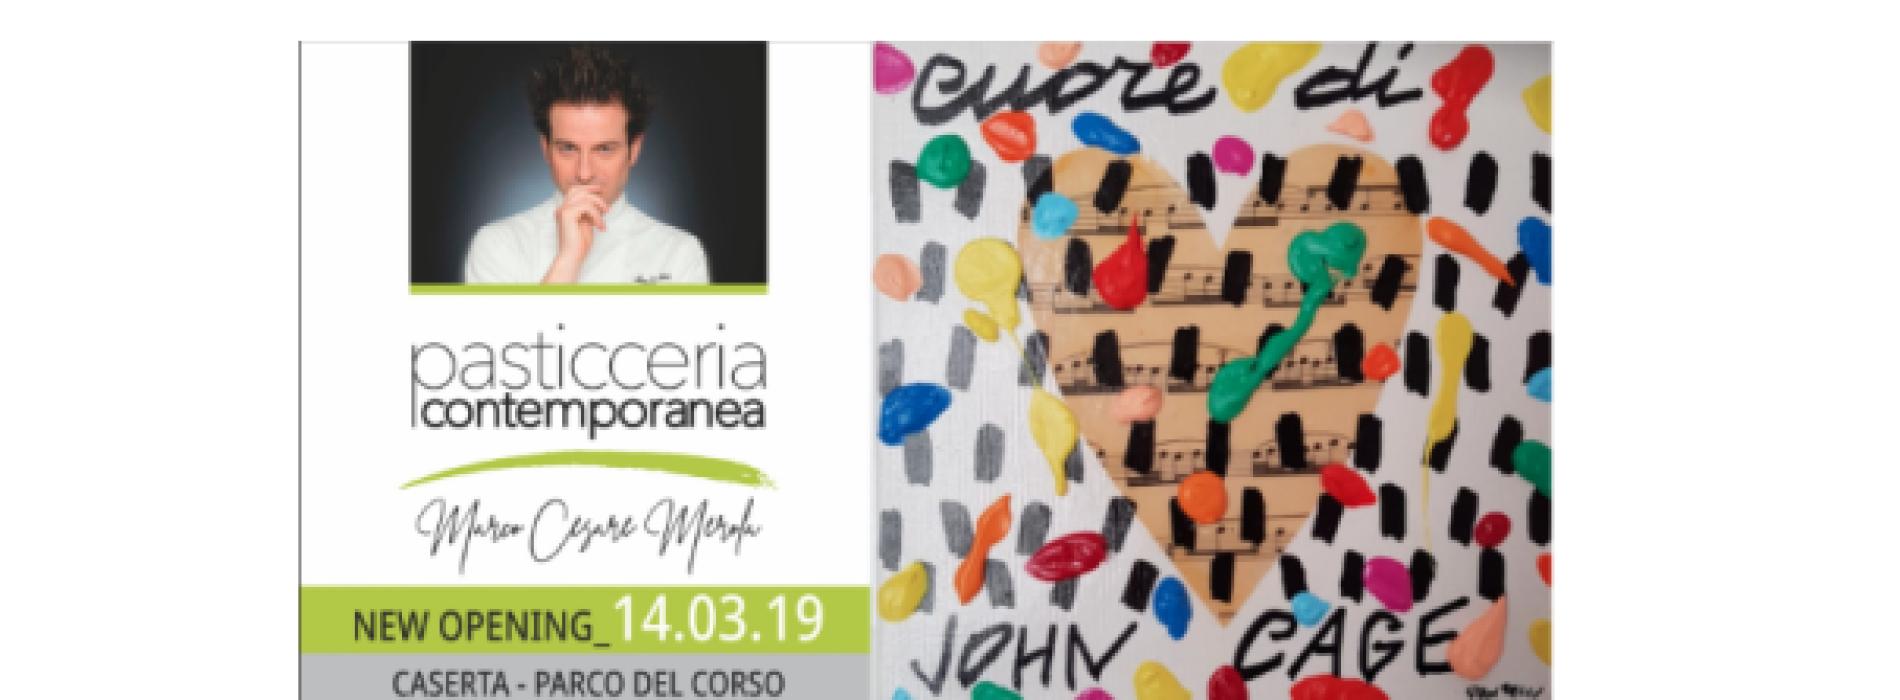 Dolce vita, la Pasticceria è Contemporanea con Bruno Donzelli